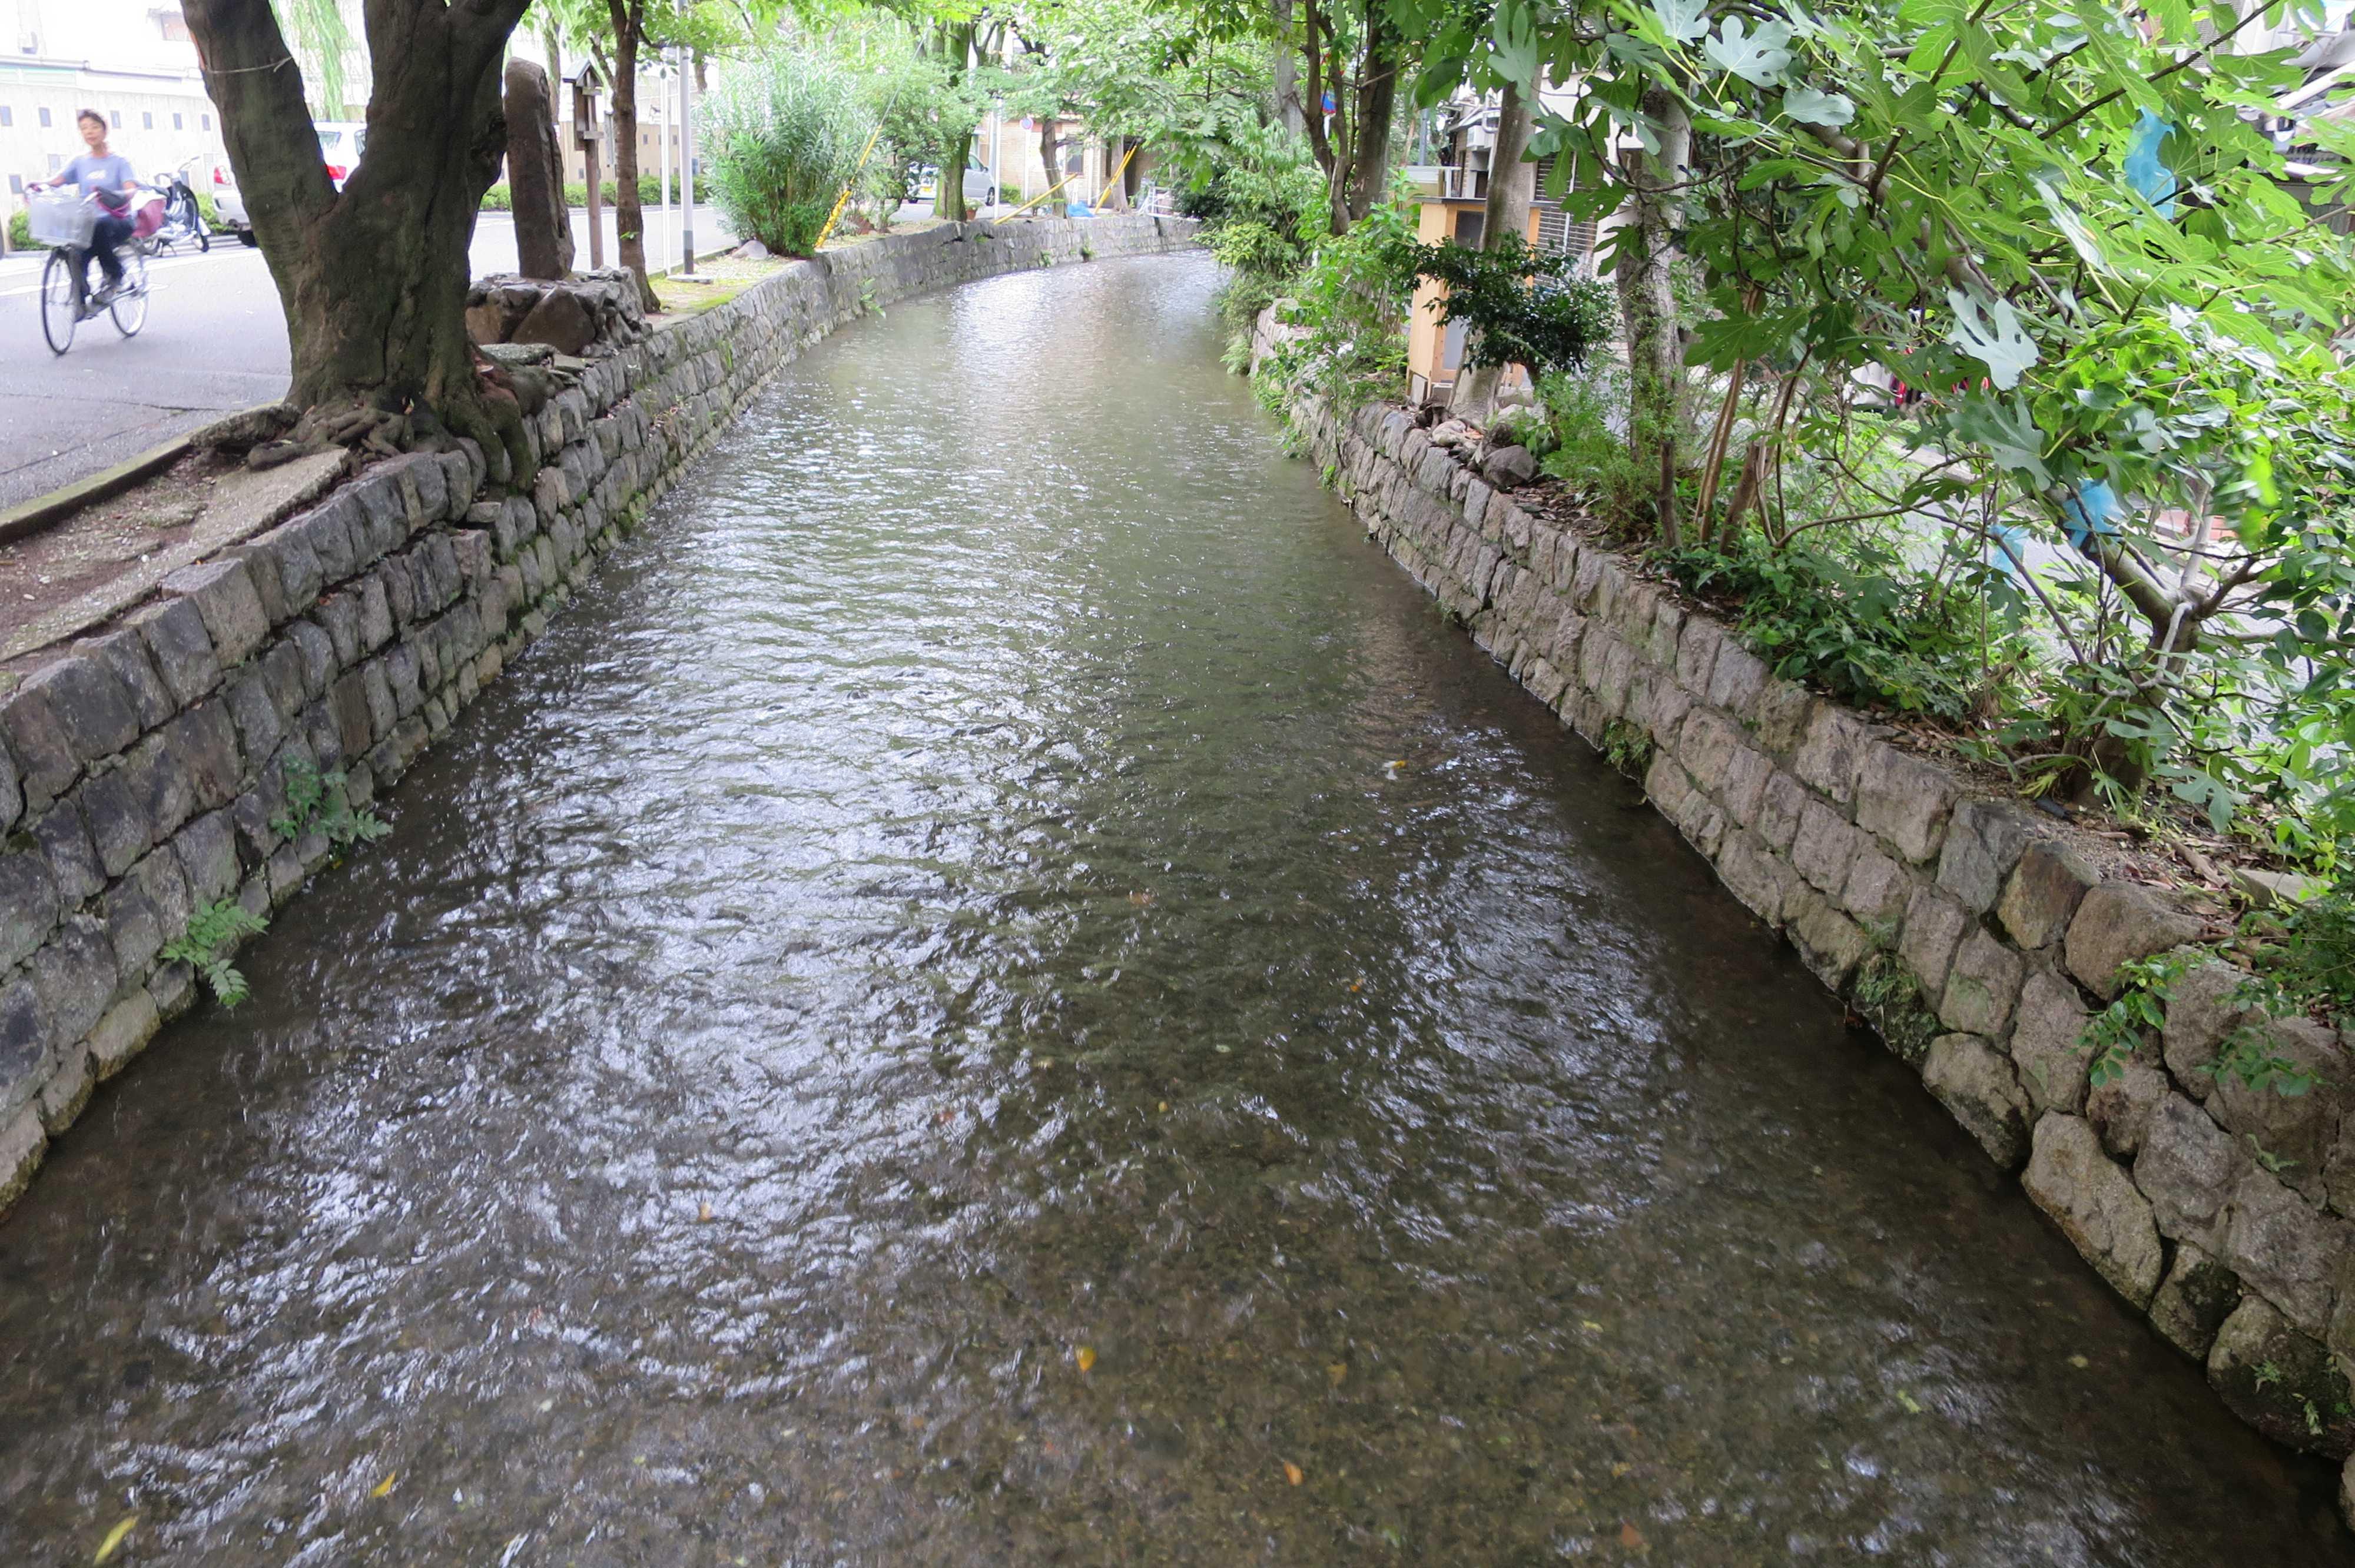 京都・五条楽園 - きれいな水が静かに流れるうつくしい高瀬川。